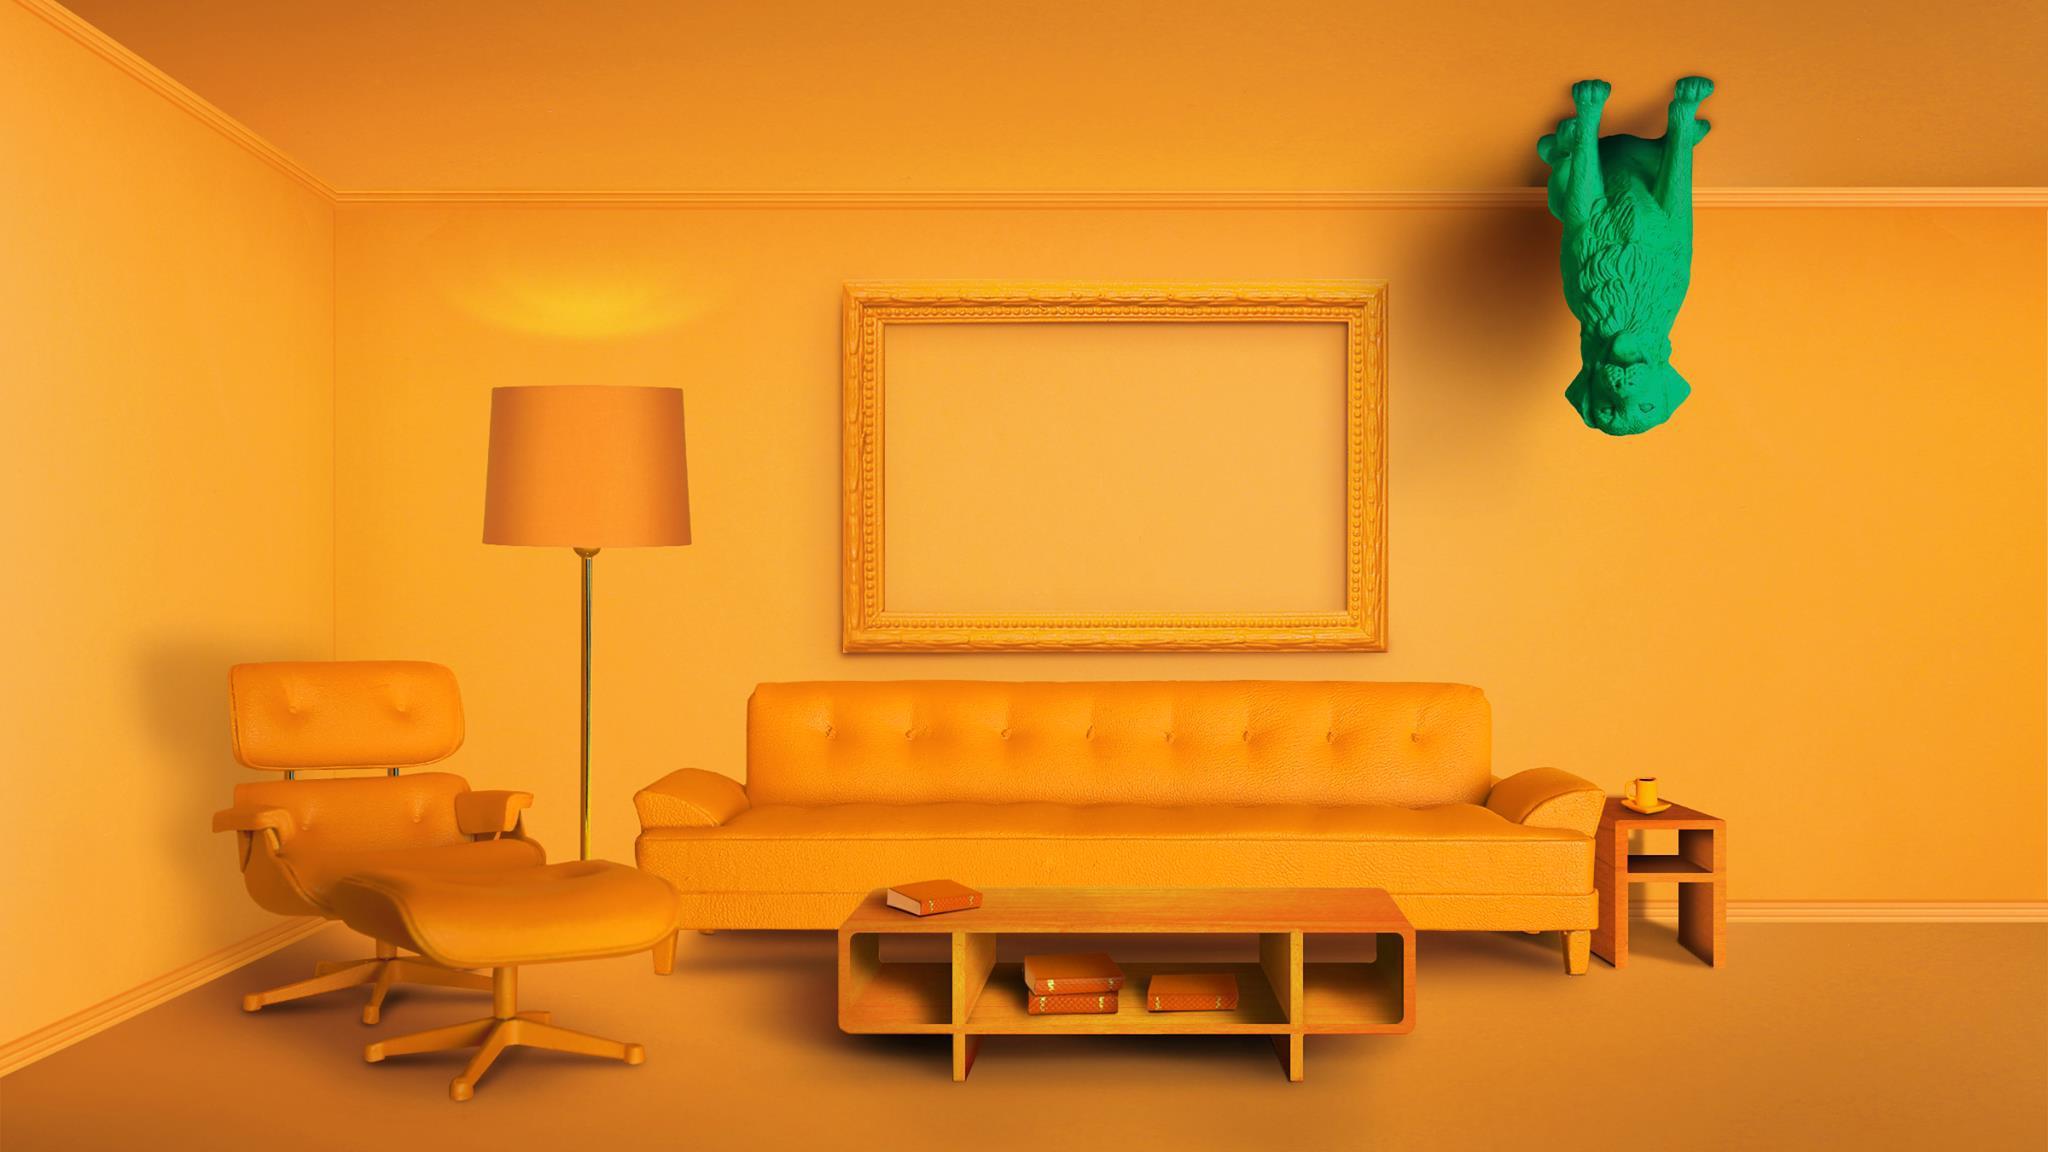 Magic Leap orange room promo image